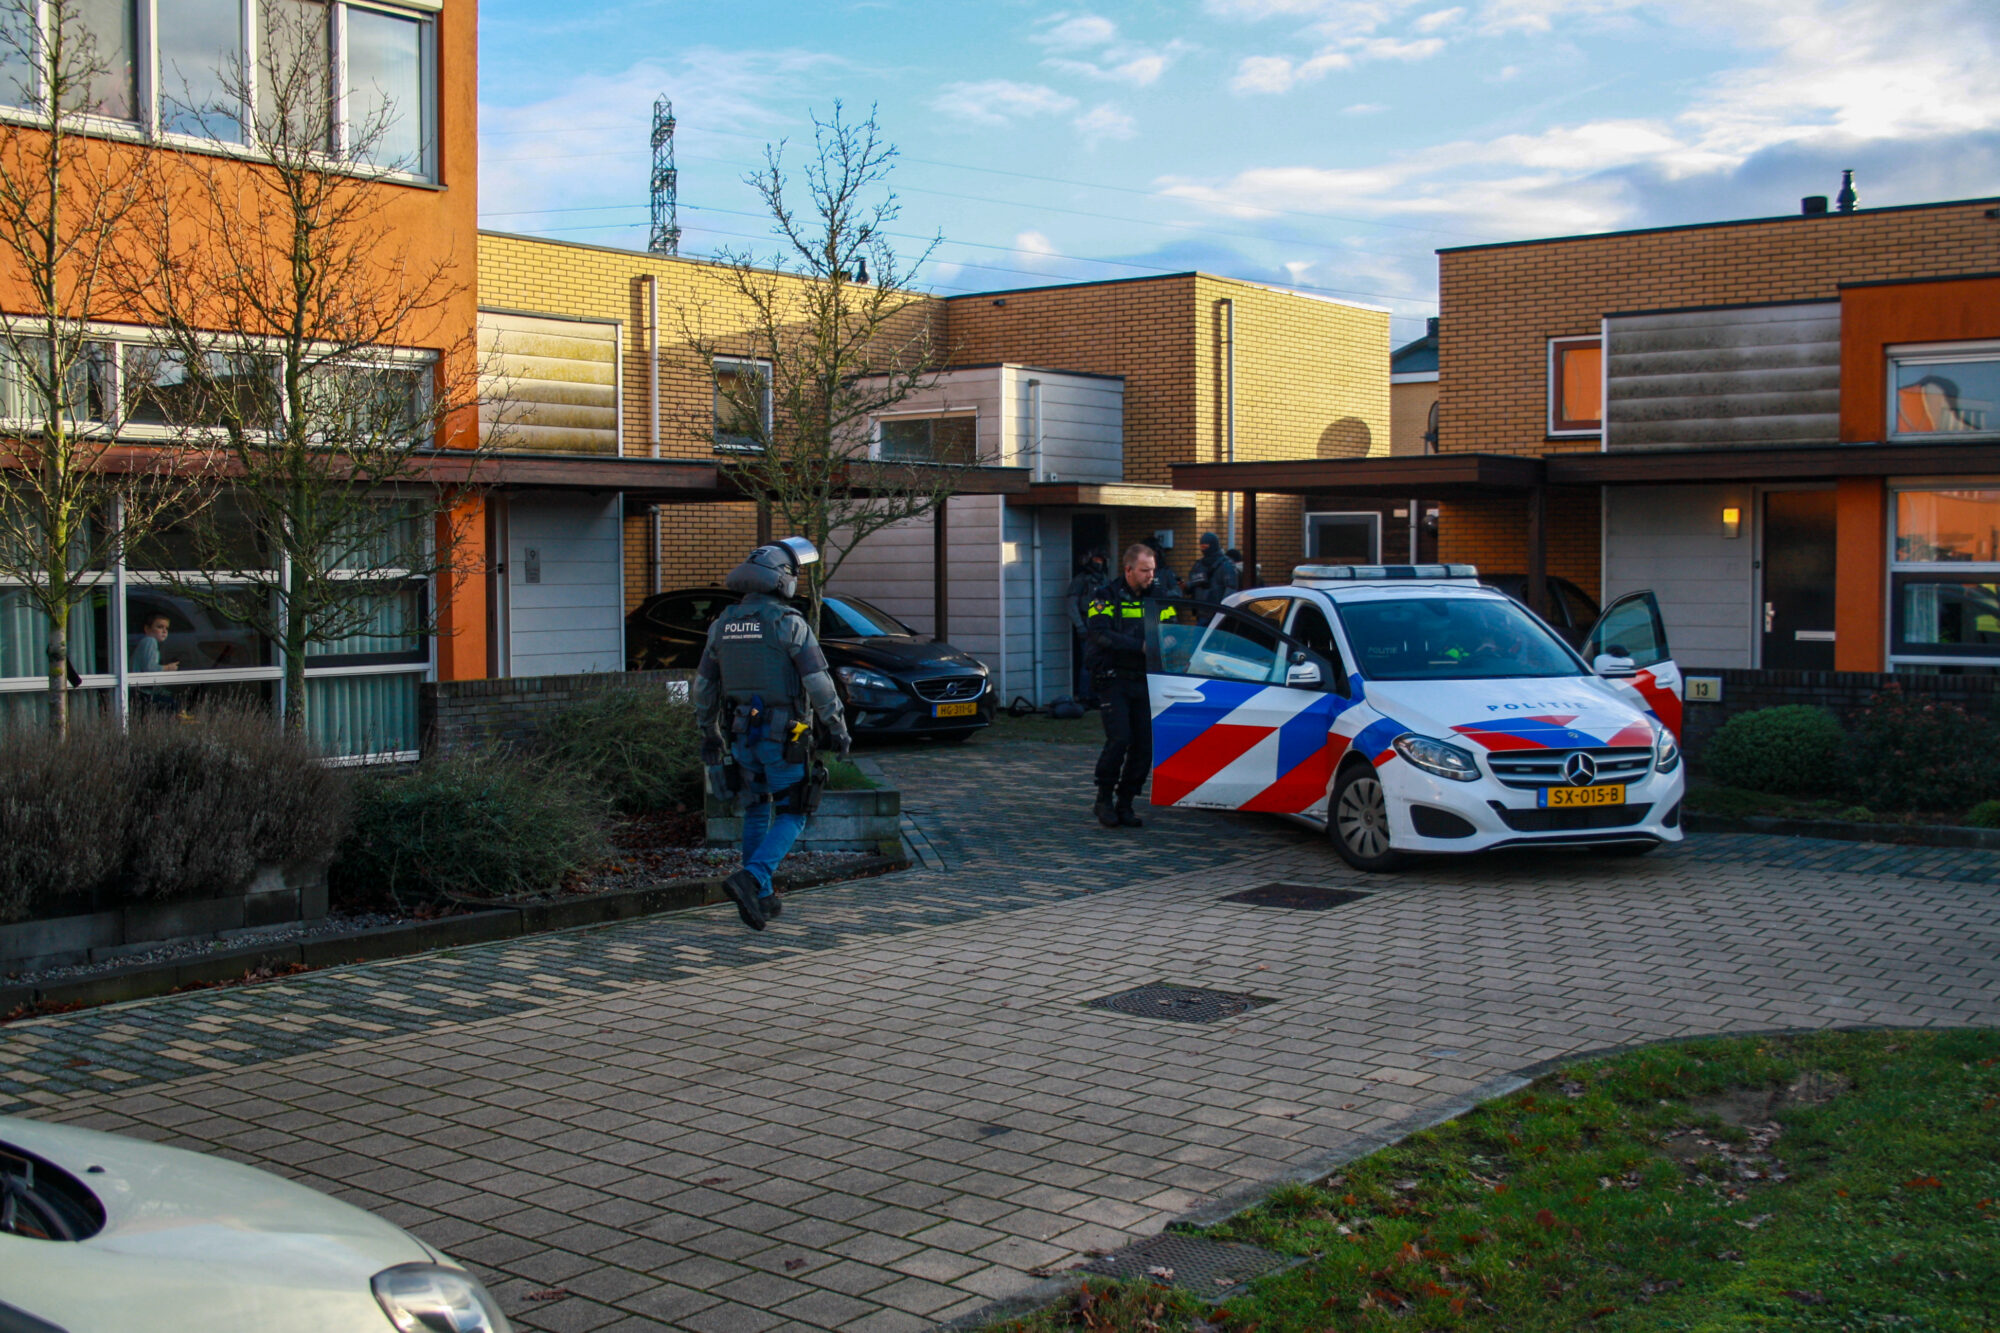 Arrestatieteam valt woning binnen in Zutphen; man aangehouden